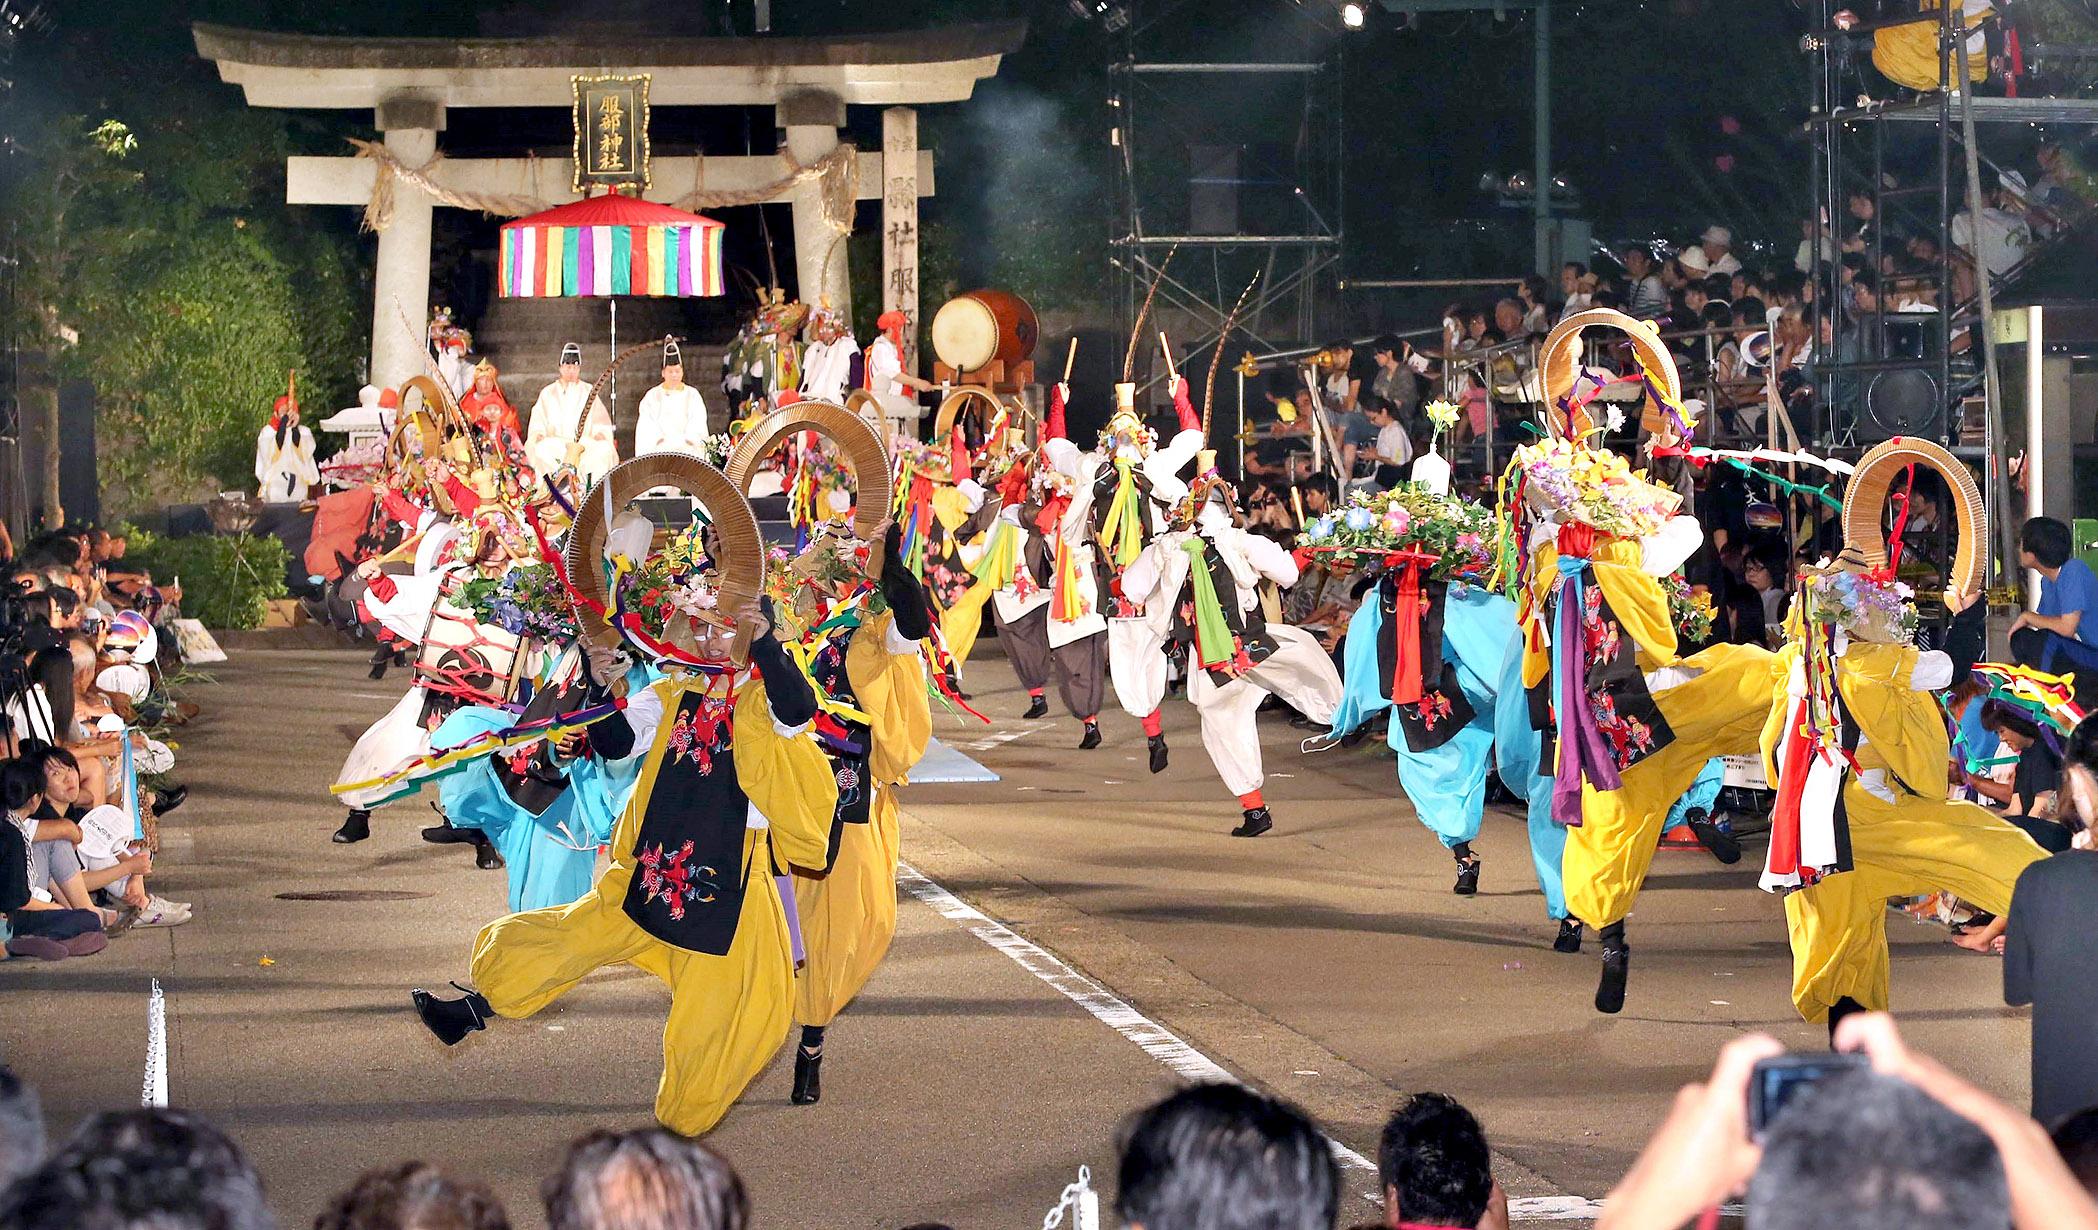 躍動的な舞を披露する出演者=2日午後9時18分、加賀市山代温泉の服部神社前